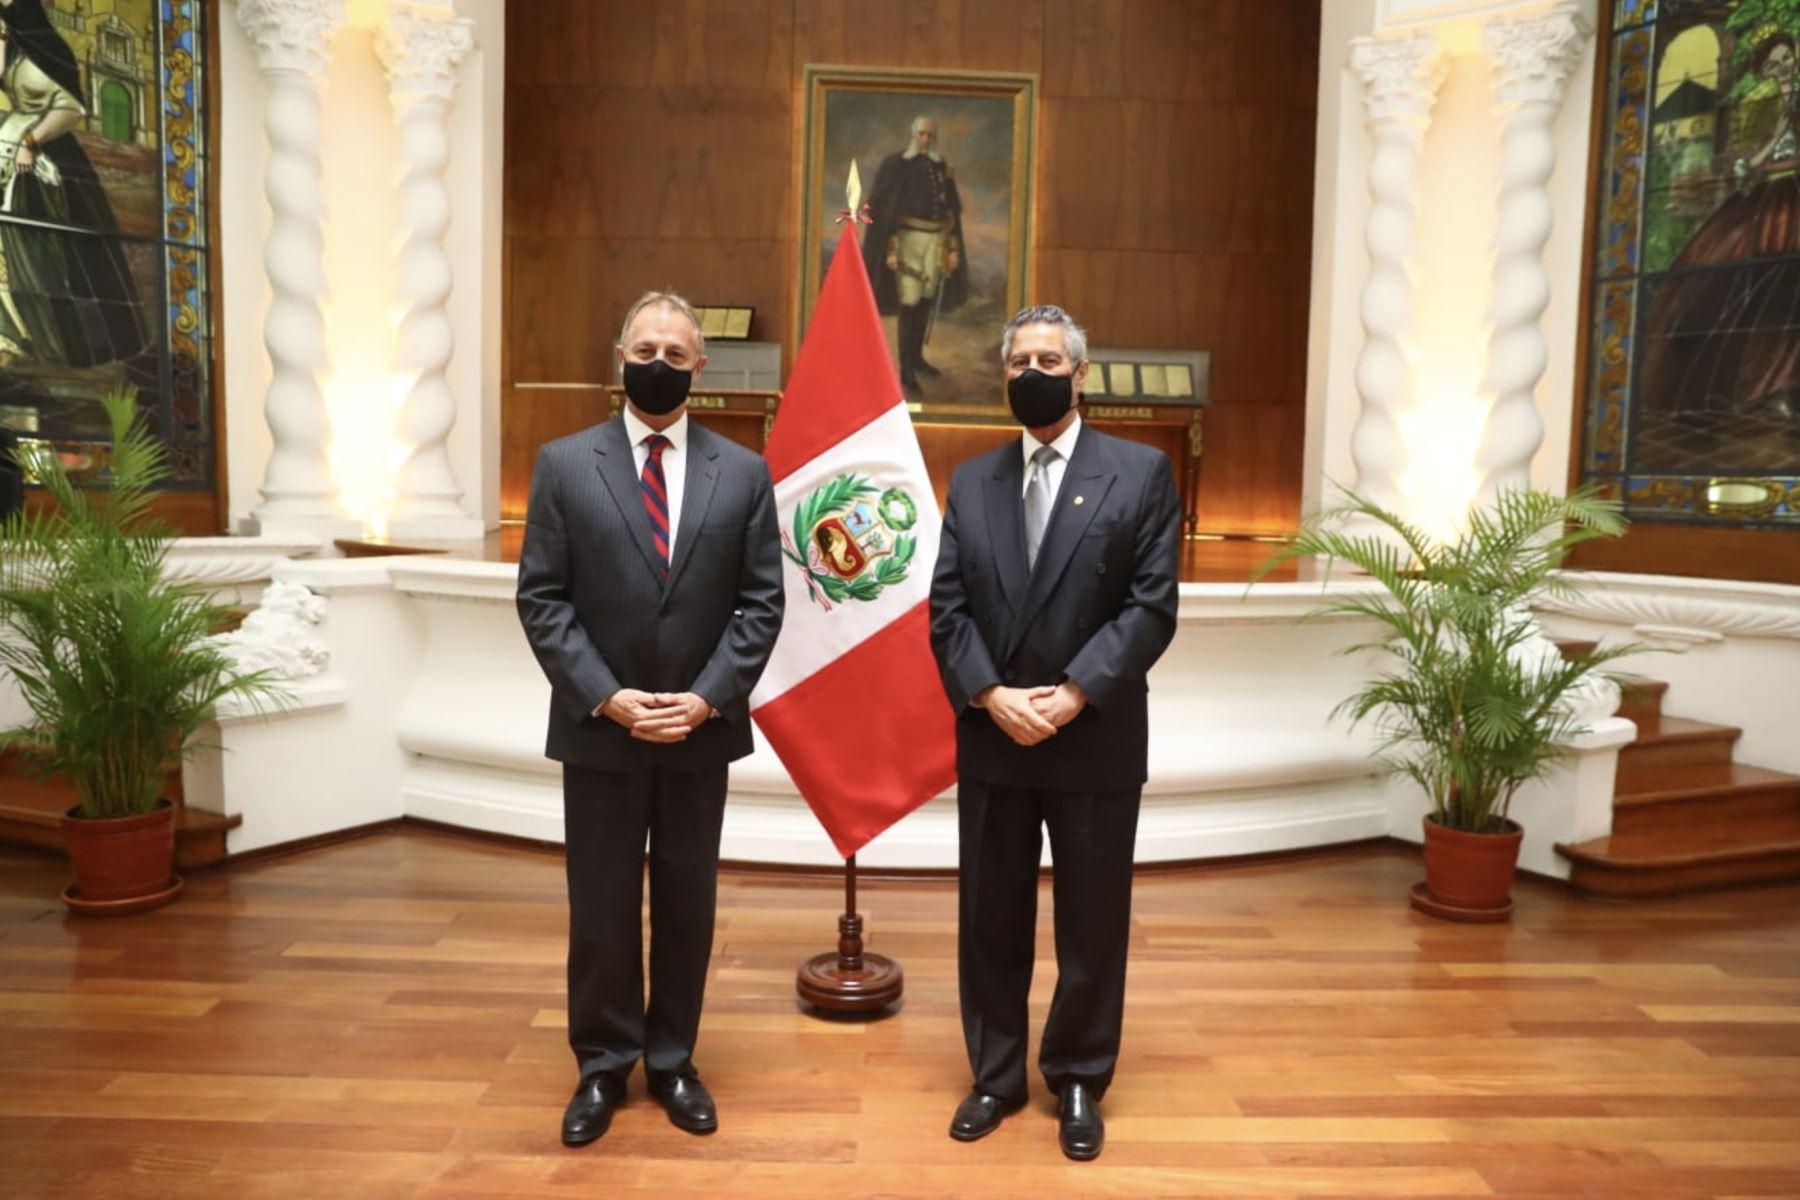 El Presidente de la República, Francisco Sagasti, se reúne con el alcalde de Lima, Jorge Muñoz. Foto: ANDINA/Prensa Presidencia